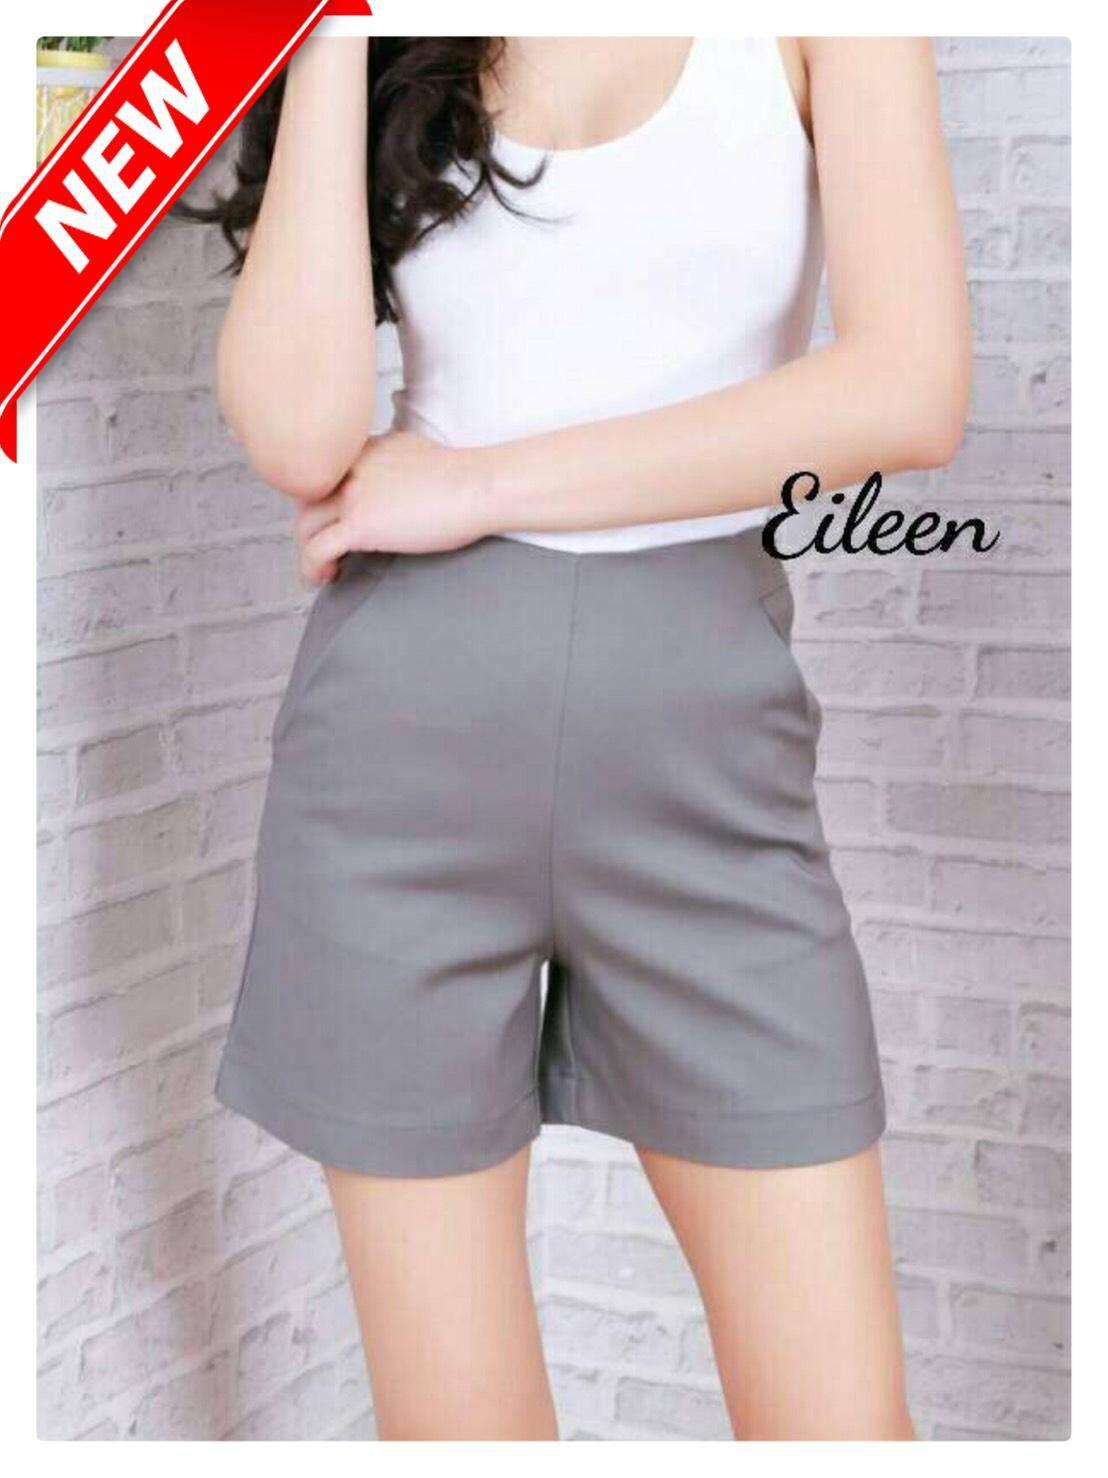 กางเกงผู้หญิง กางเกงขาสั้น ผญ กางเกงแฟชั่น กางเกงเอวสูง ผ้าโรเชฟ